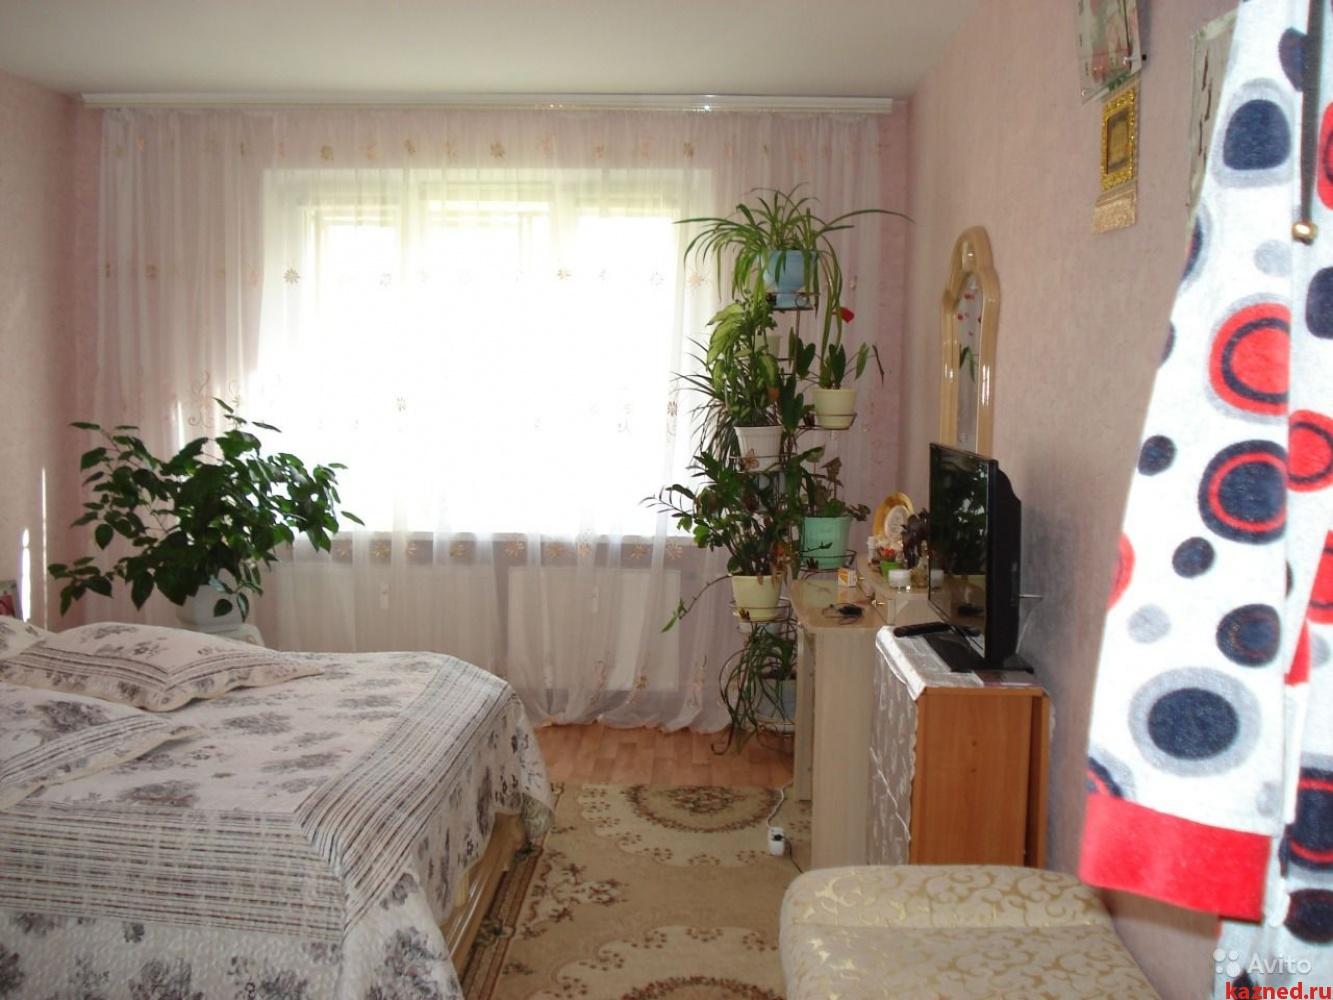 Продам 3-комн.квартиру Гайсина, 3, 77 м2  (миниатюра №1)